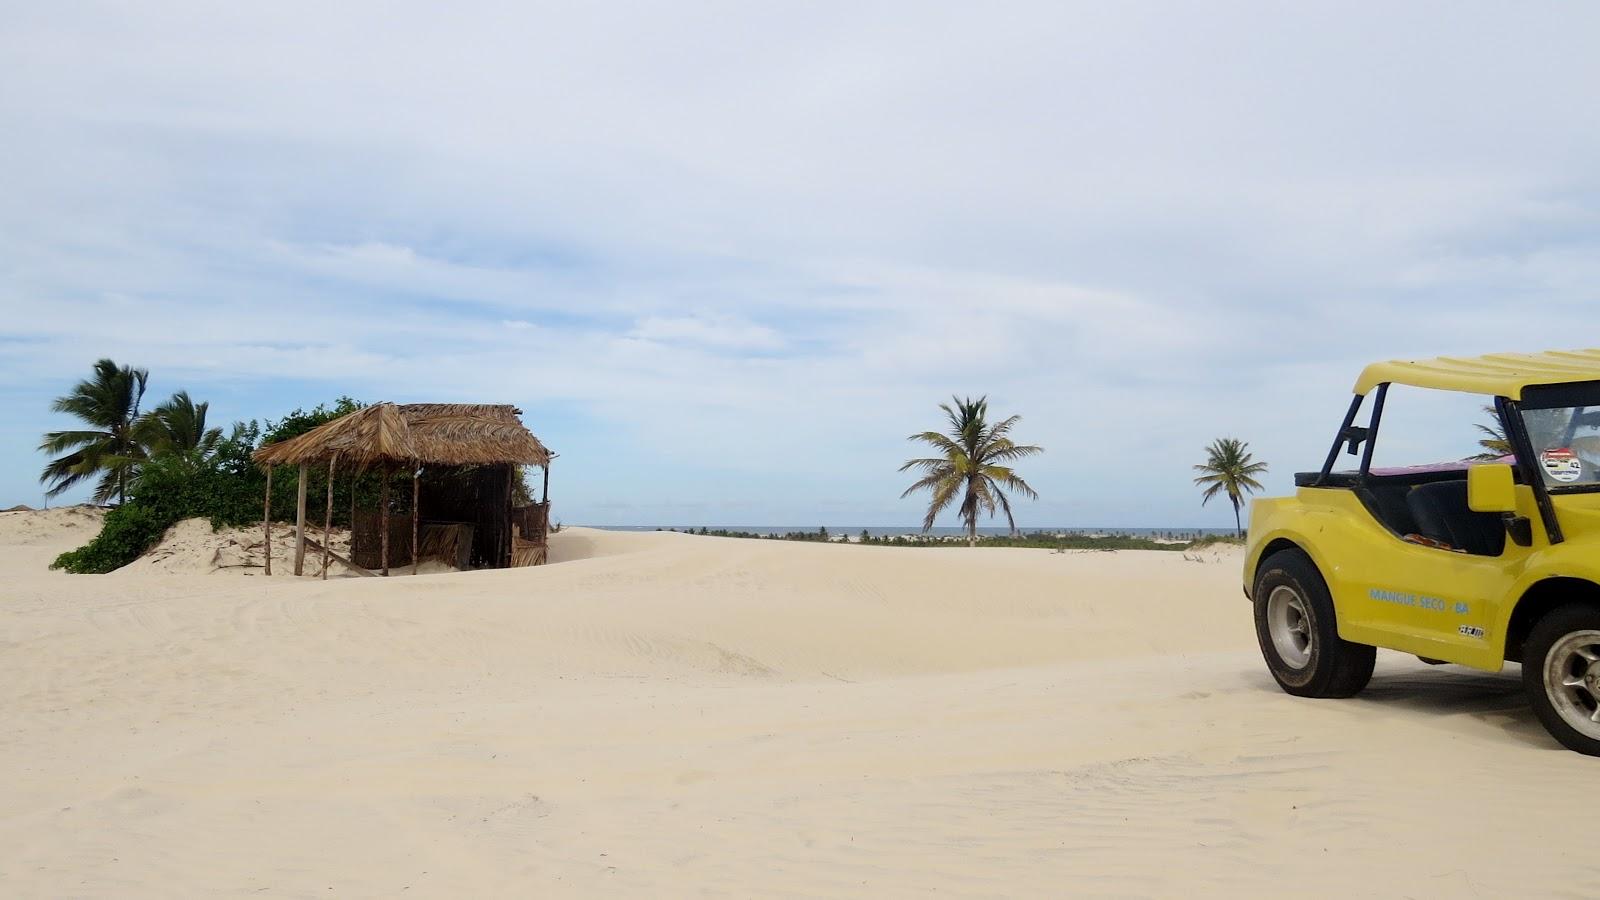 Passeio de Buggy nas dunas de Mangue Seco Bahia